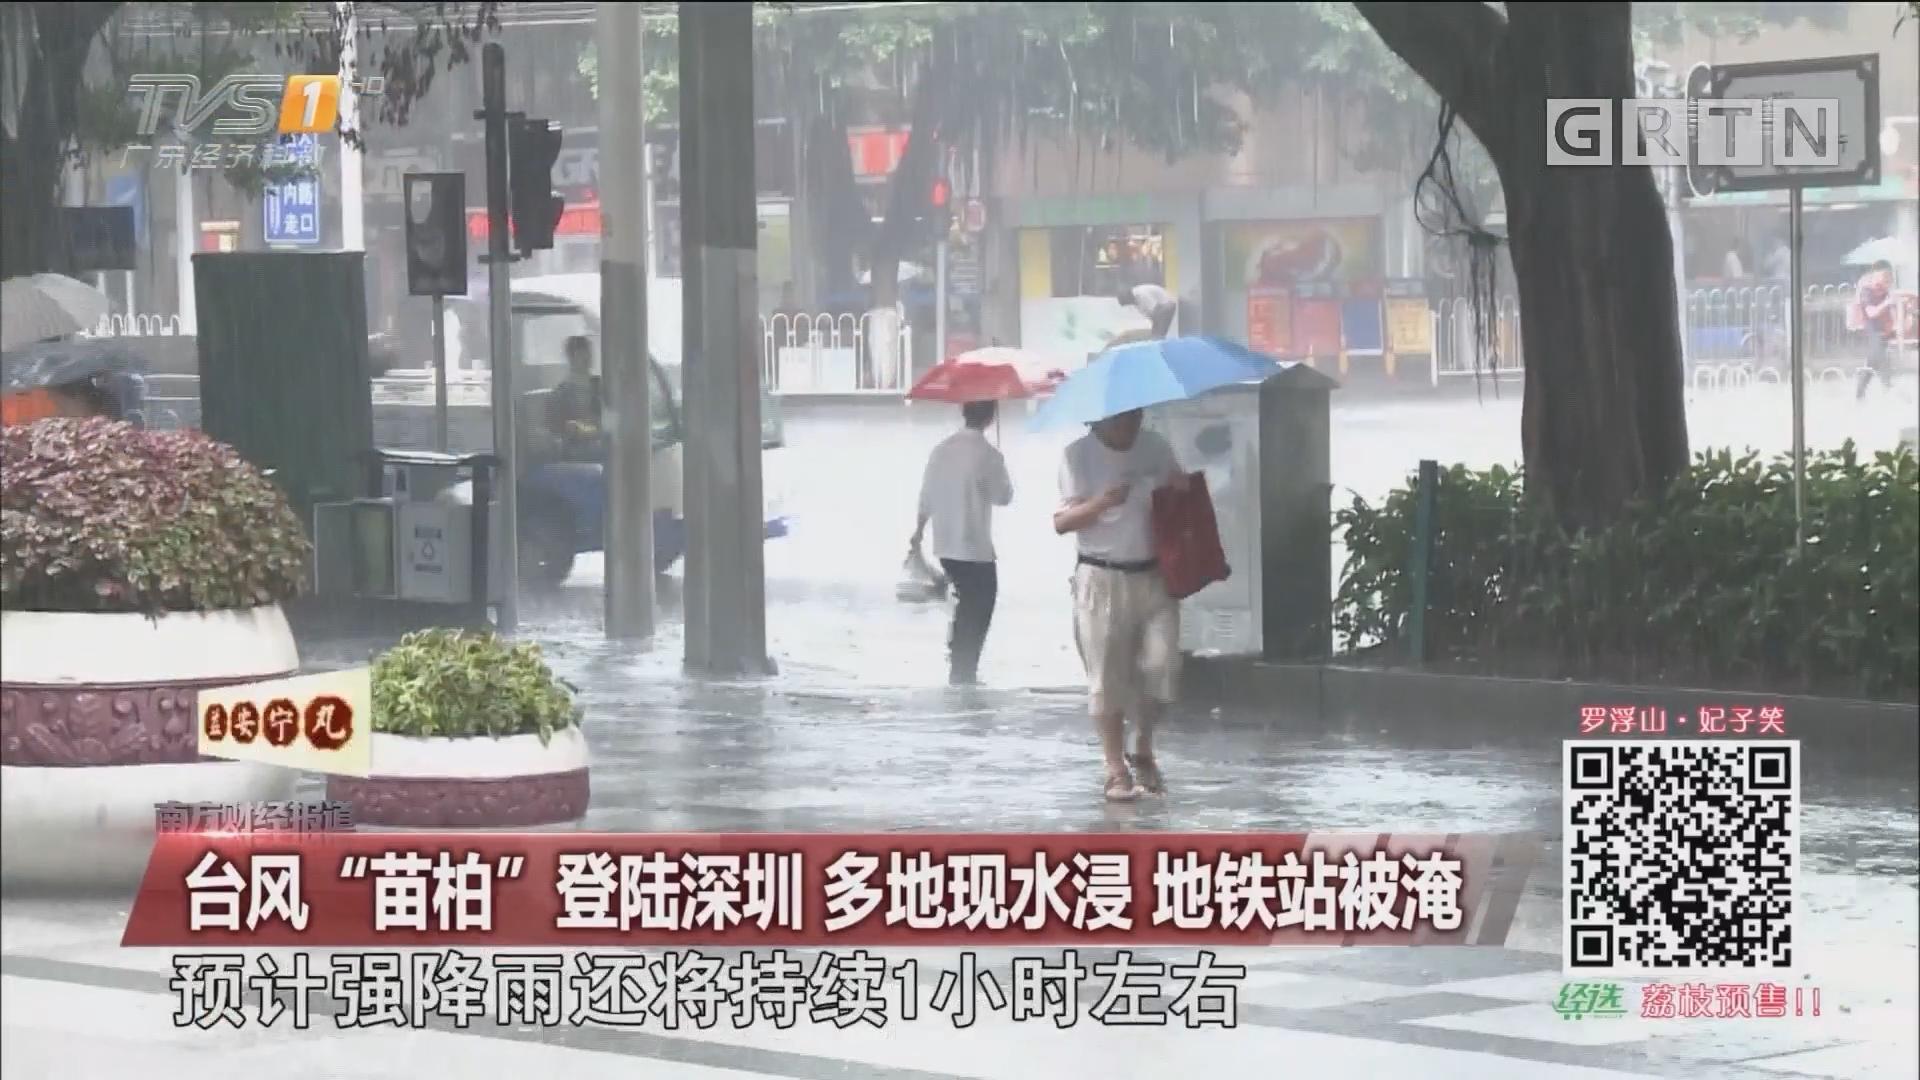 """台风""""苗柏""""登陆深圳 多地现水浸 地铁站被淹"""